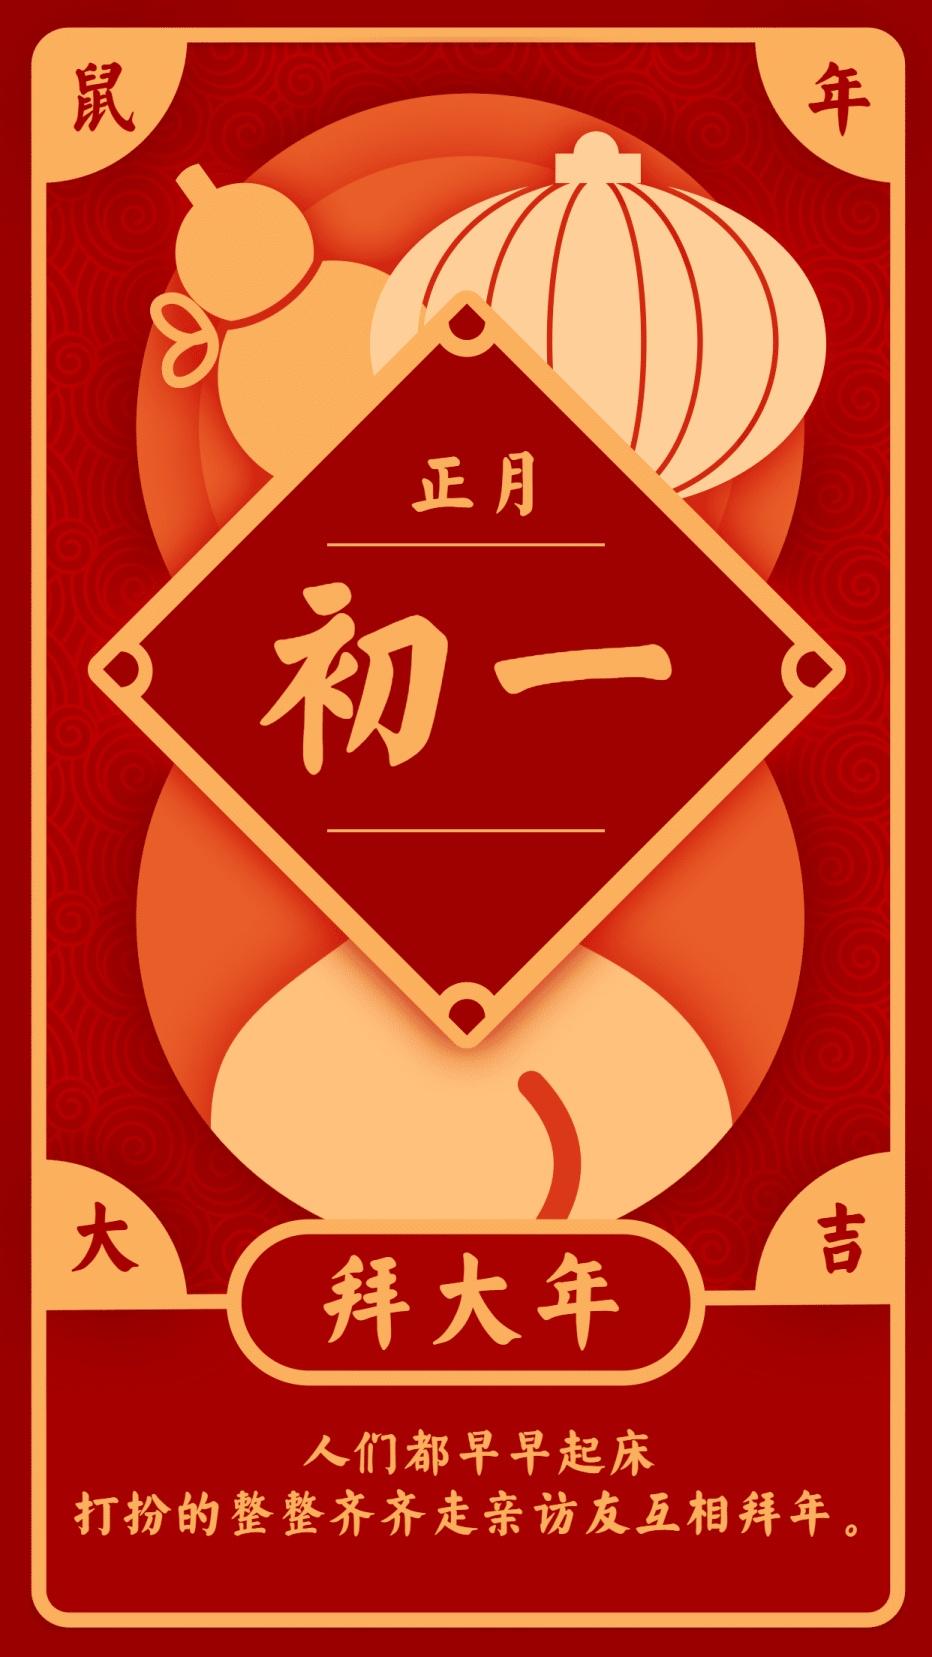 春节习俗/初一/创意中国风/手机海报